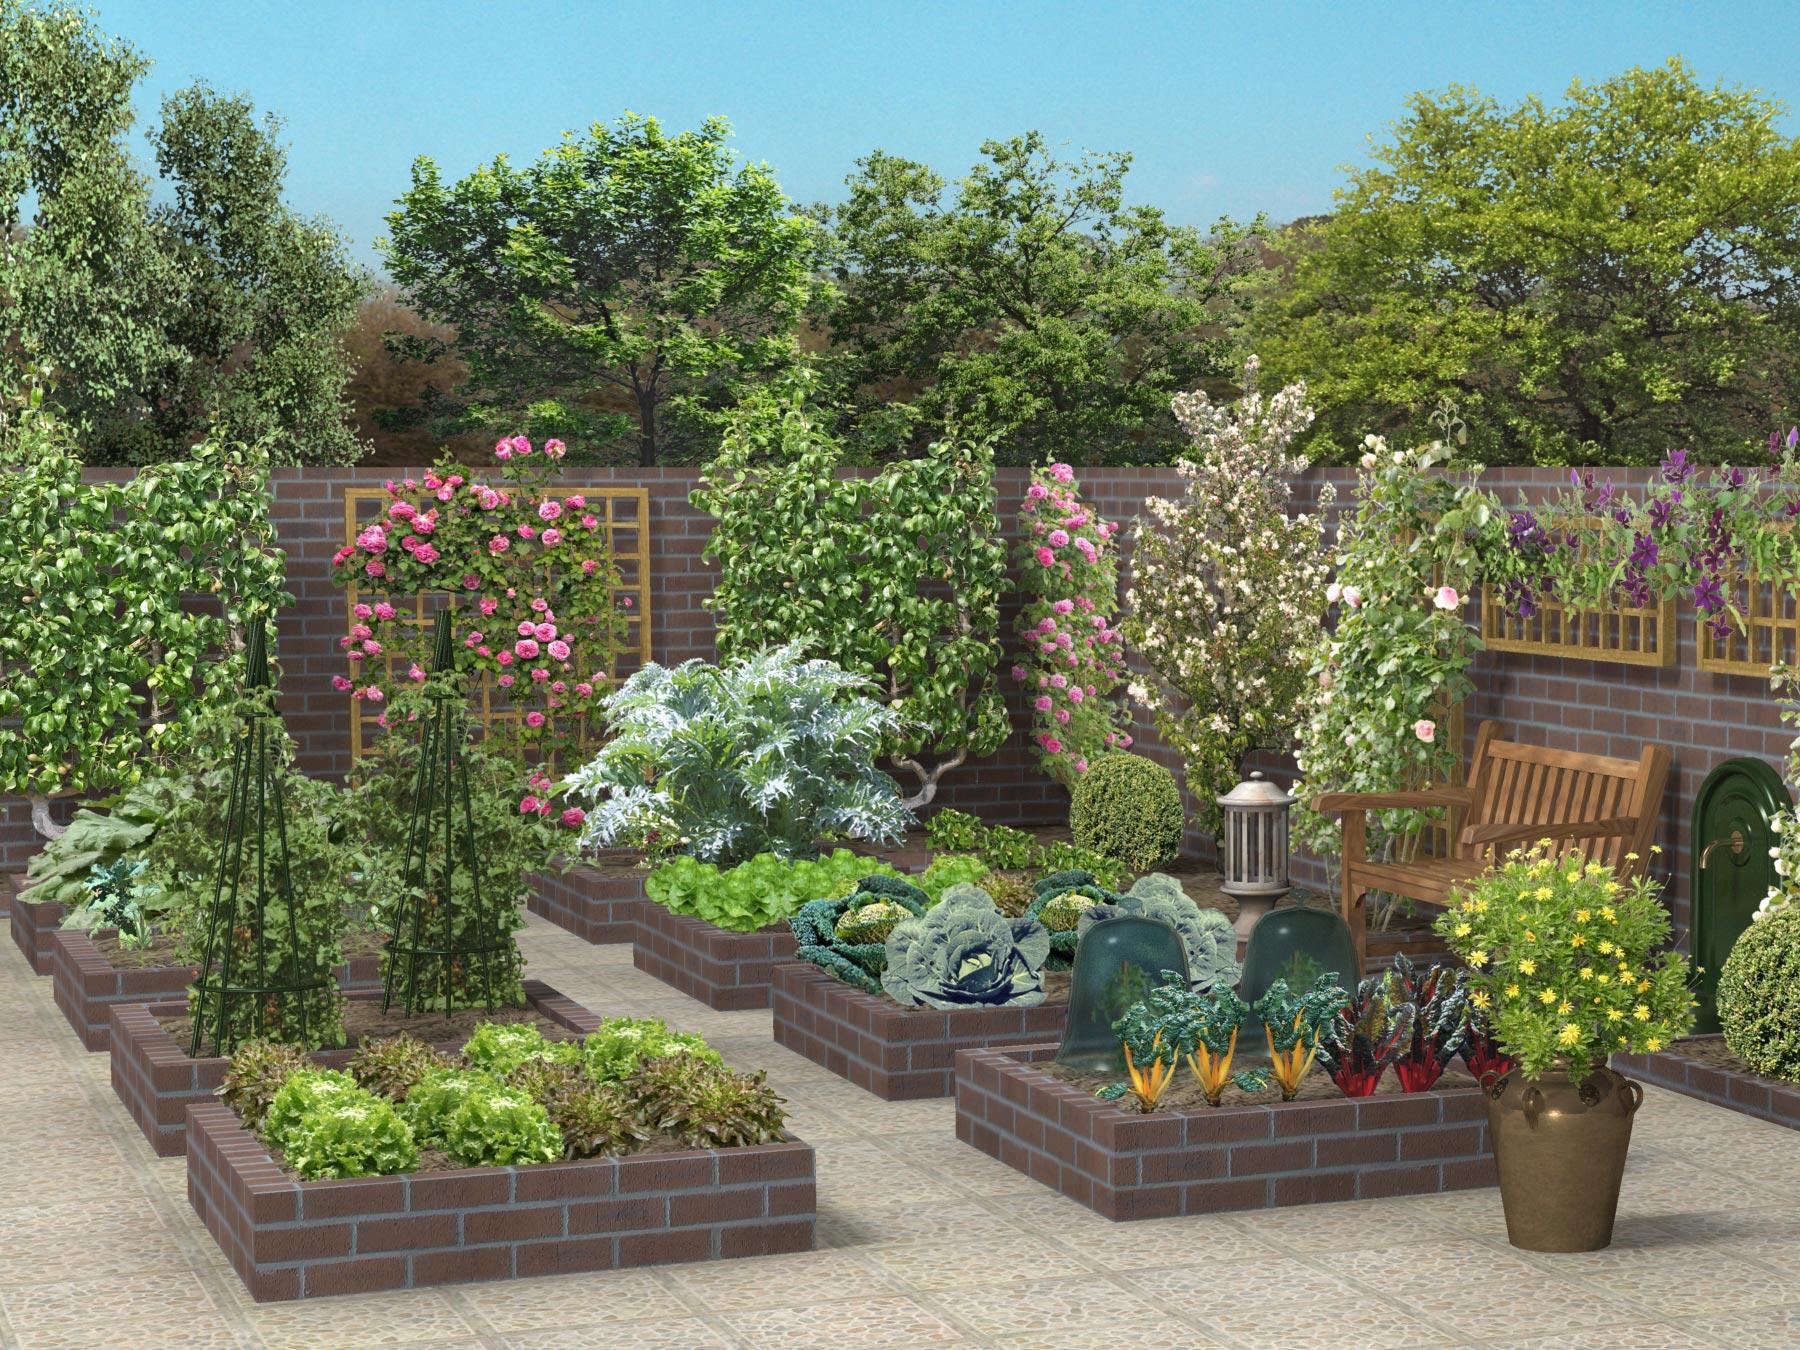 mon potager gourmand conseils et astuces pour jardins. Black Bedroom Furniture Sets. Home Design Ideas